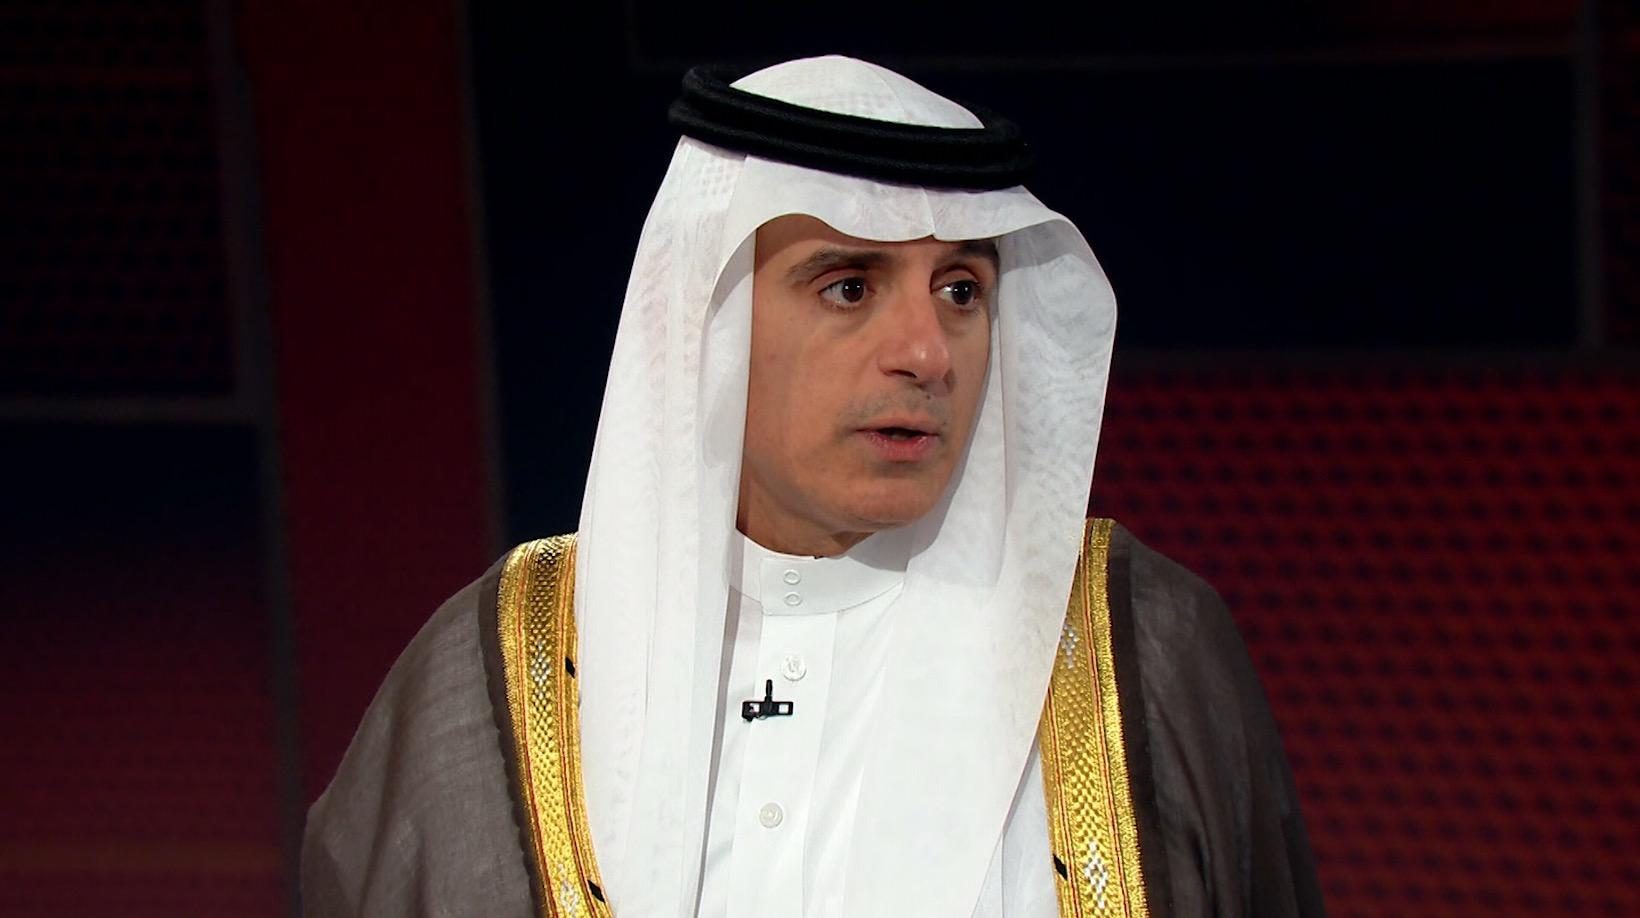 """شاهد كيف رد عادل الجبير على تصريح """"ترامب"""" عن المملكة"""